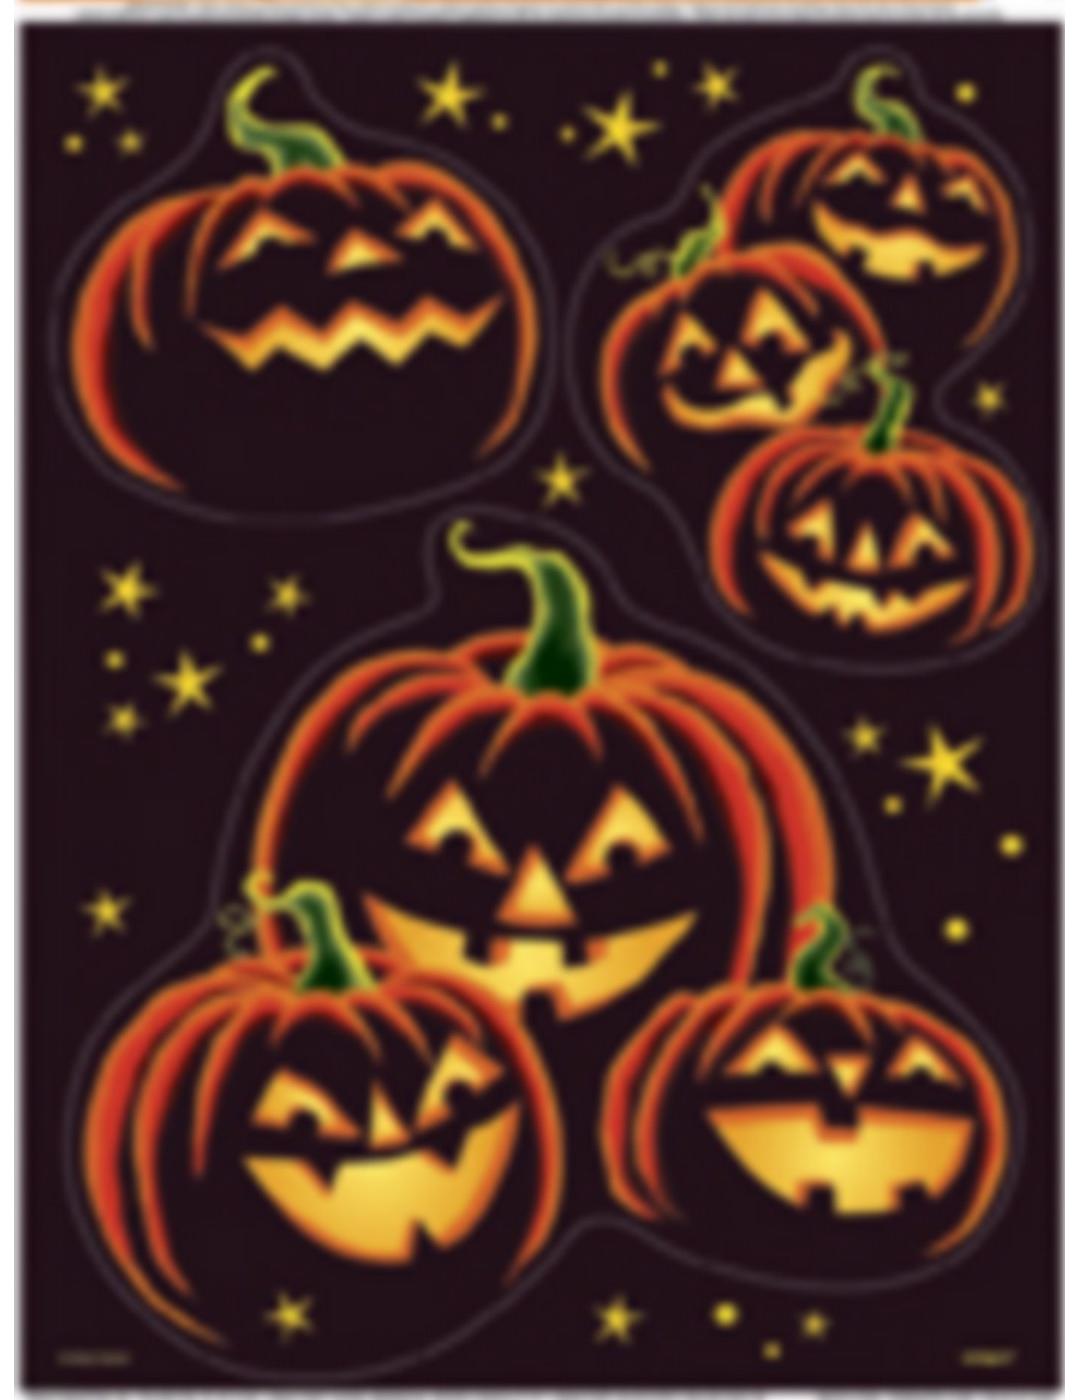 Adesivi per finestre zucca nera halloween addobbi e - Adesivi per finestre ...